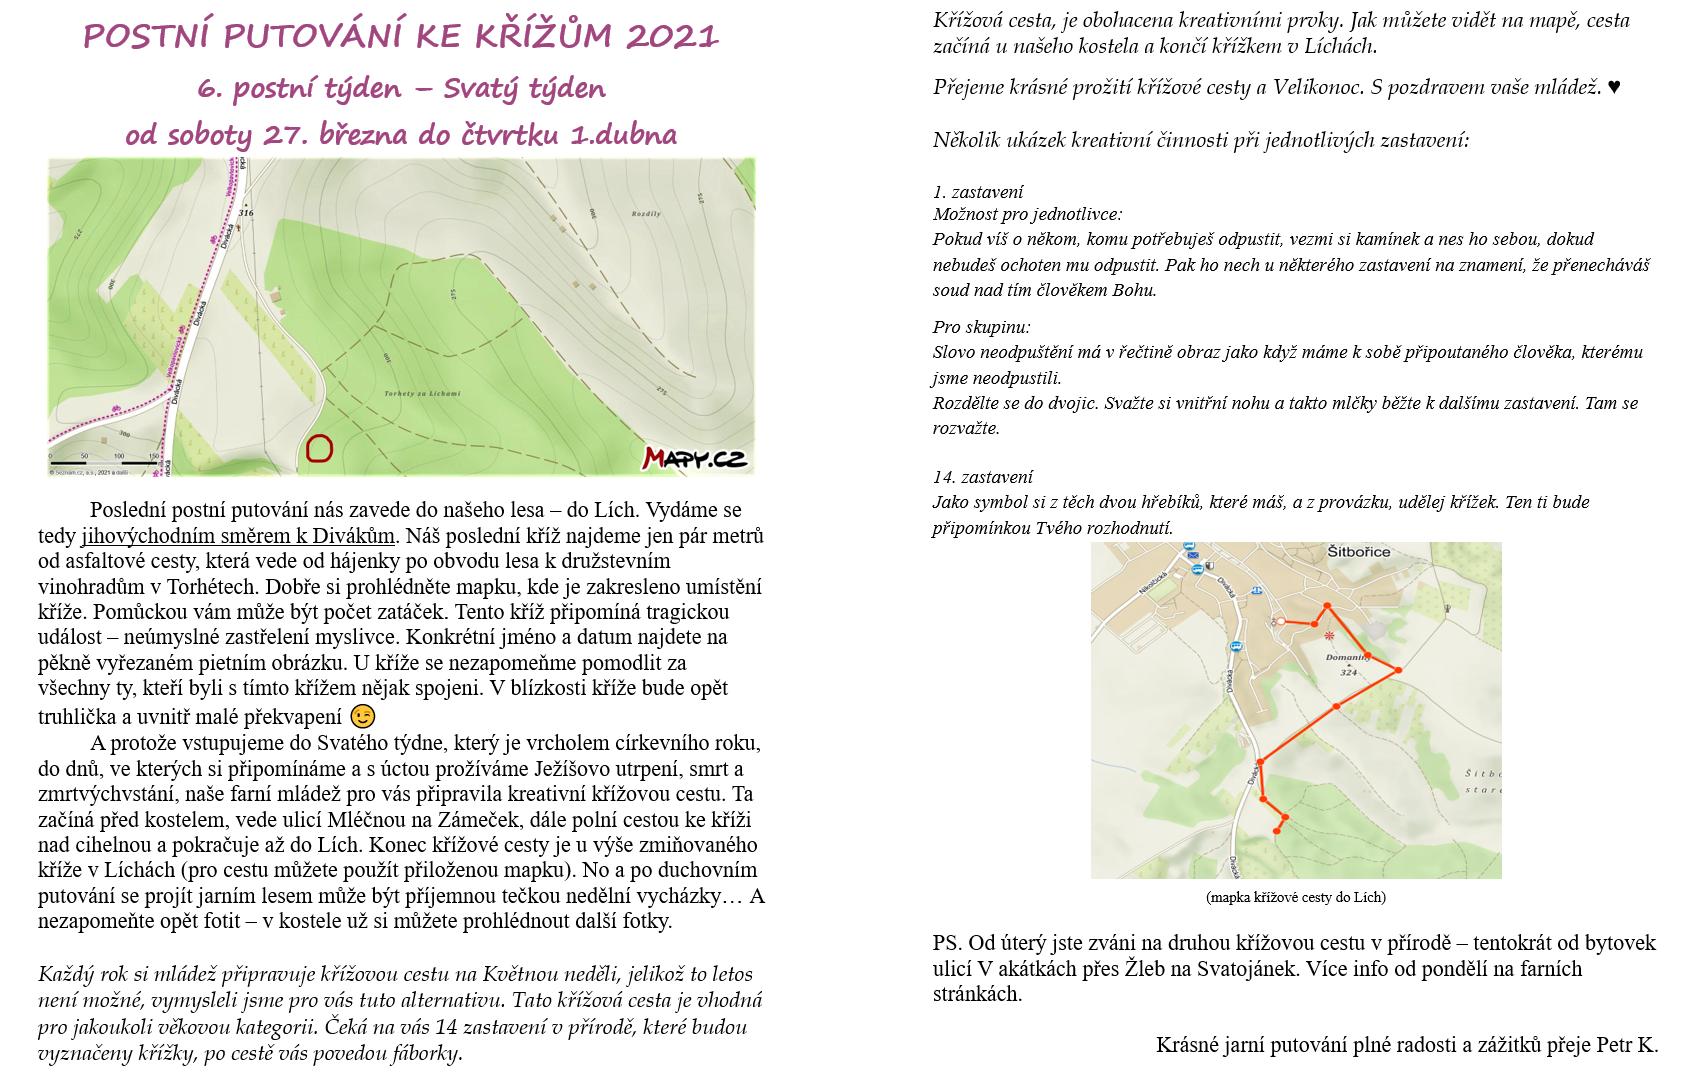 Postní putování ke křížům 2021- čtvrtý kříž